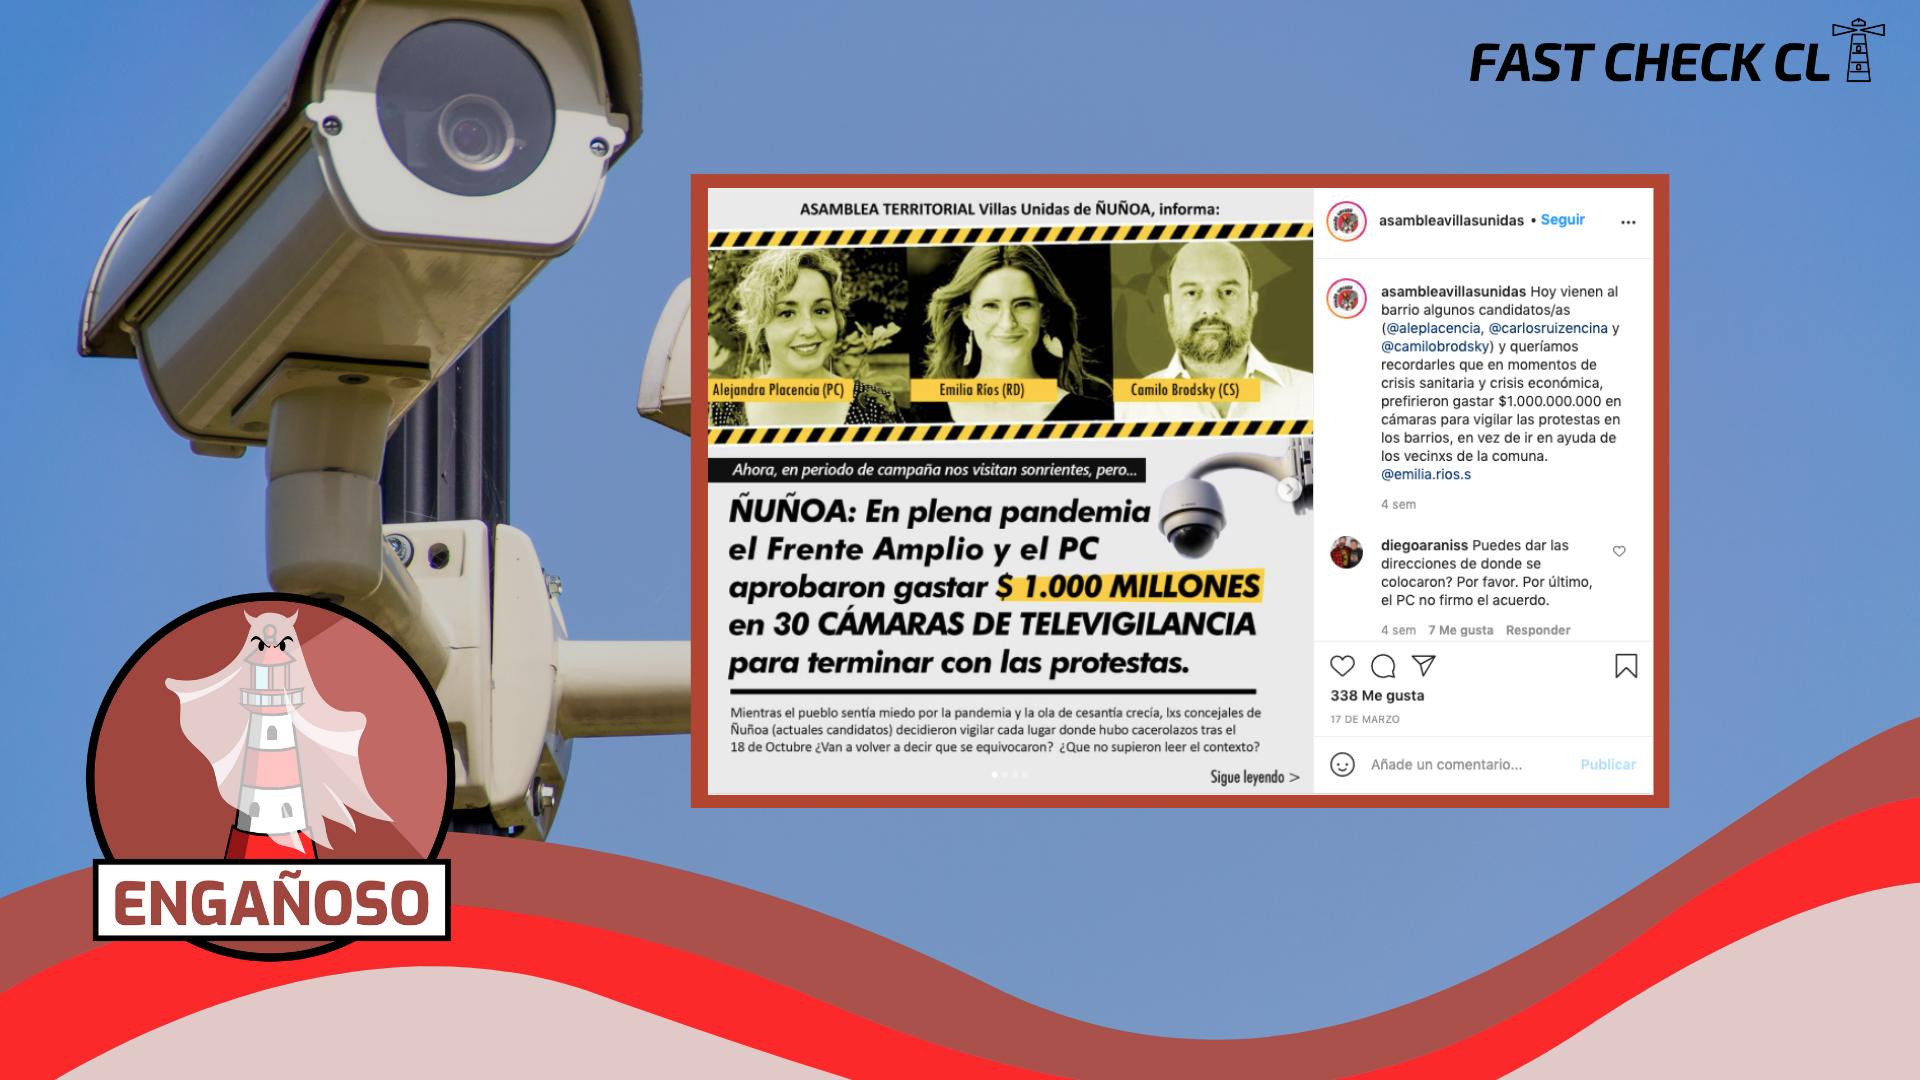 En plena pandemia, el FA y el PC aprobaron gastar $1.000 millones en 30 cámaras de televigilancia en Ñuñoa para terminar con las protestas: #Engañoso